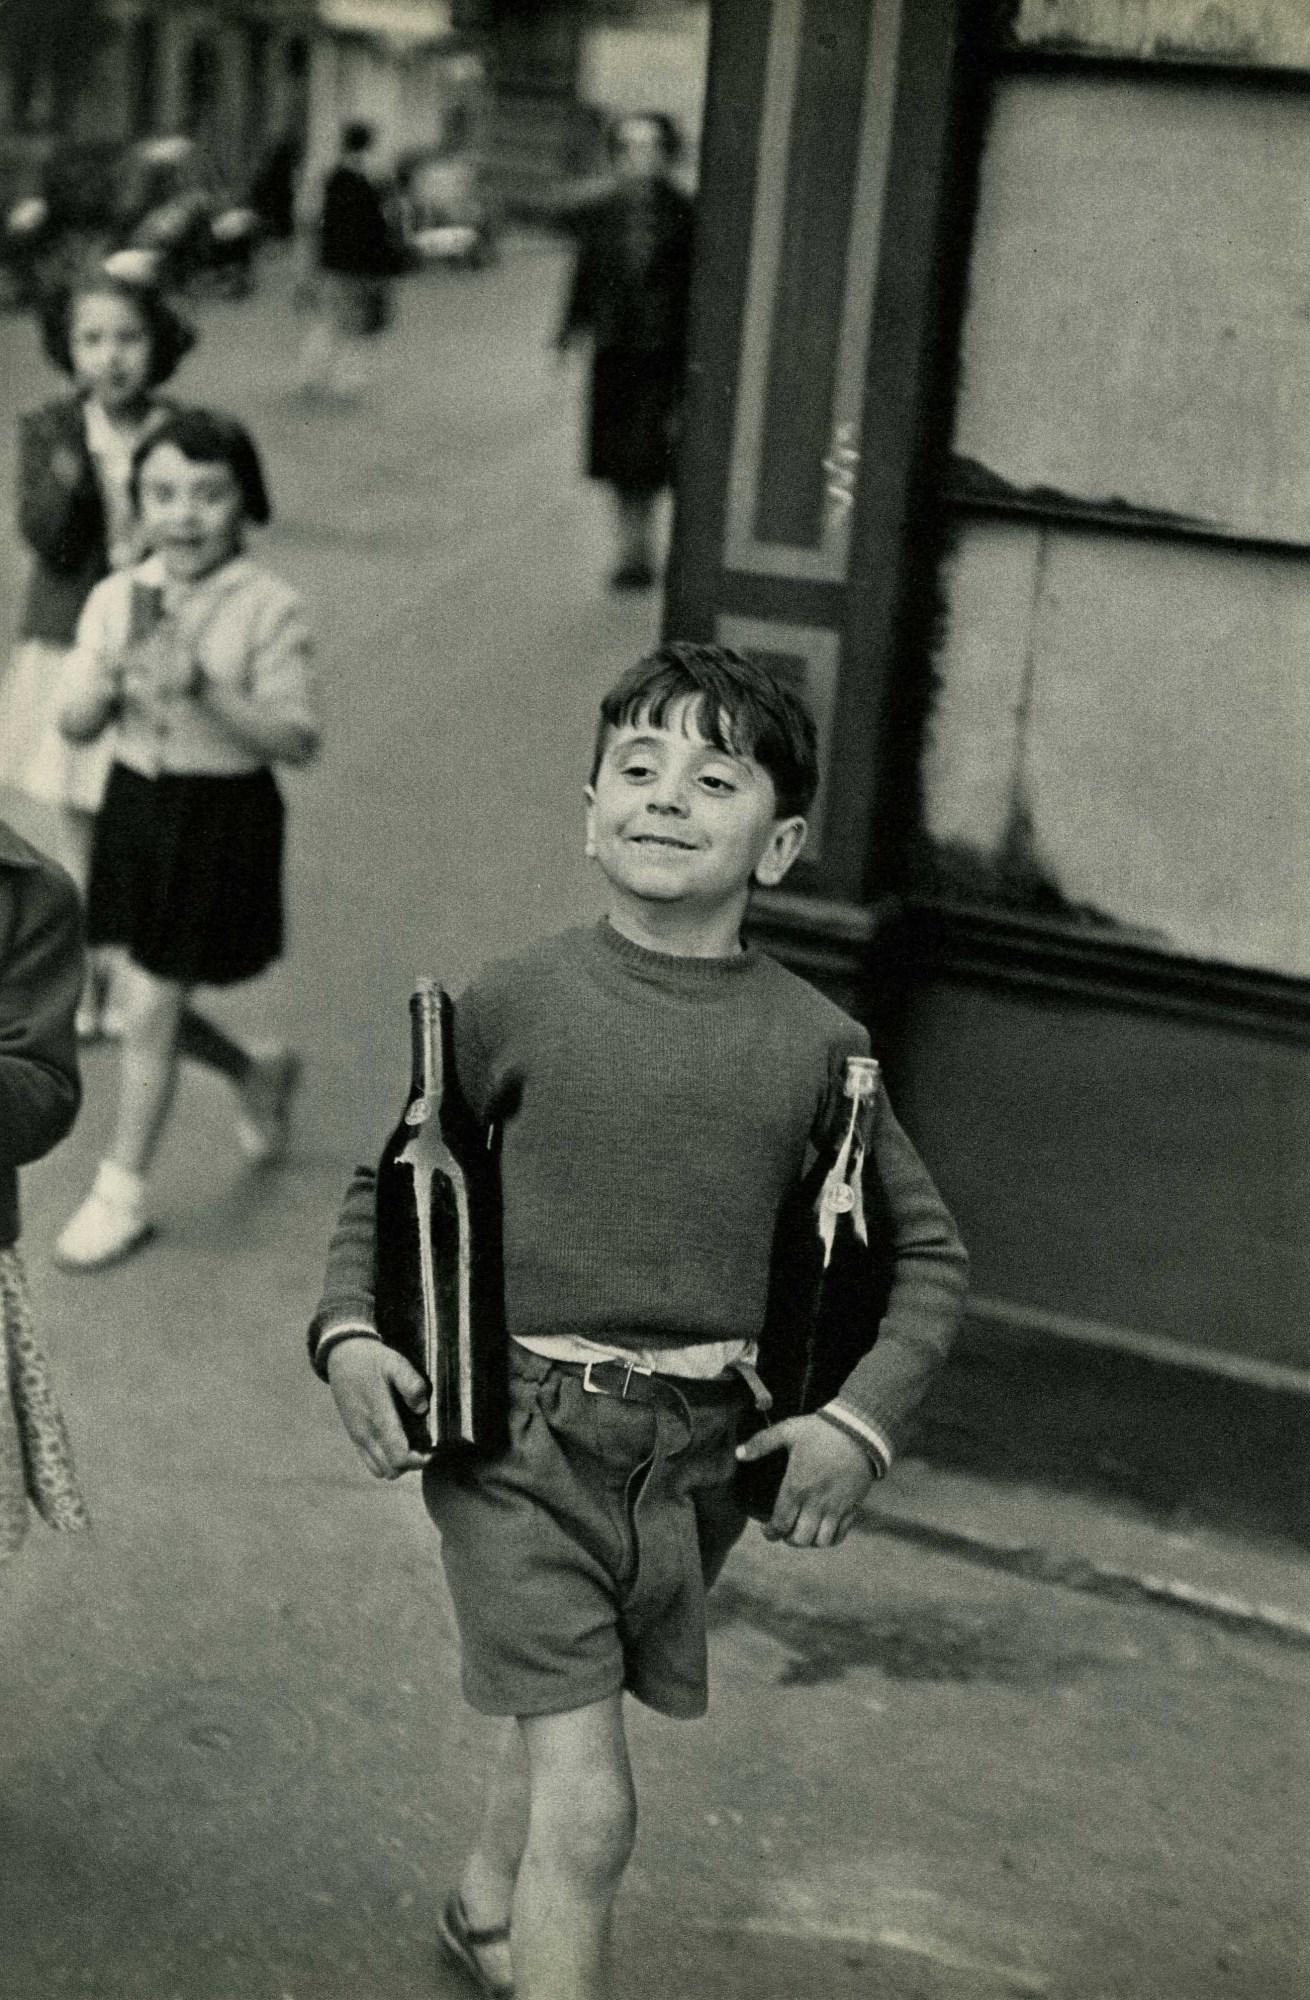 HENRI CARTIER-BRESSON - Rue Mouffetard, Paris -